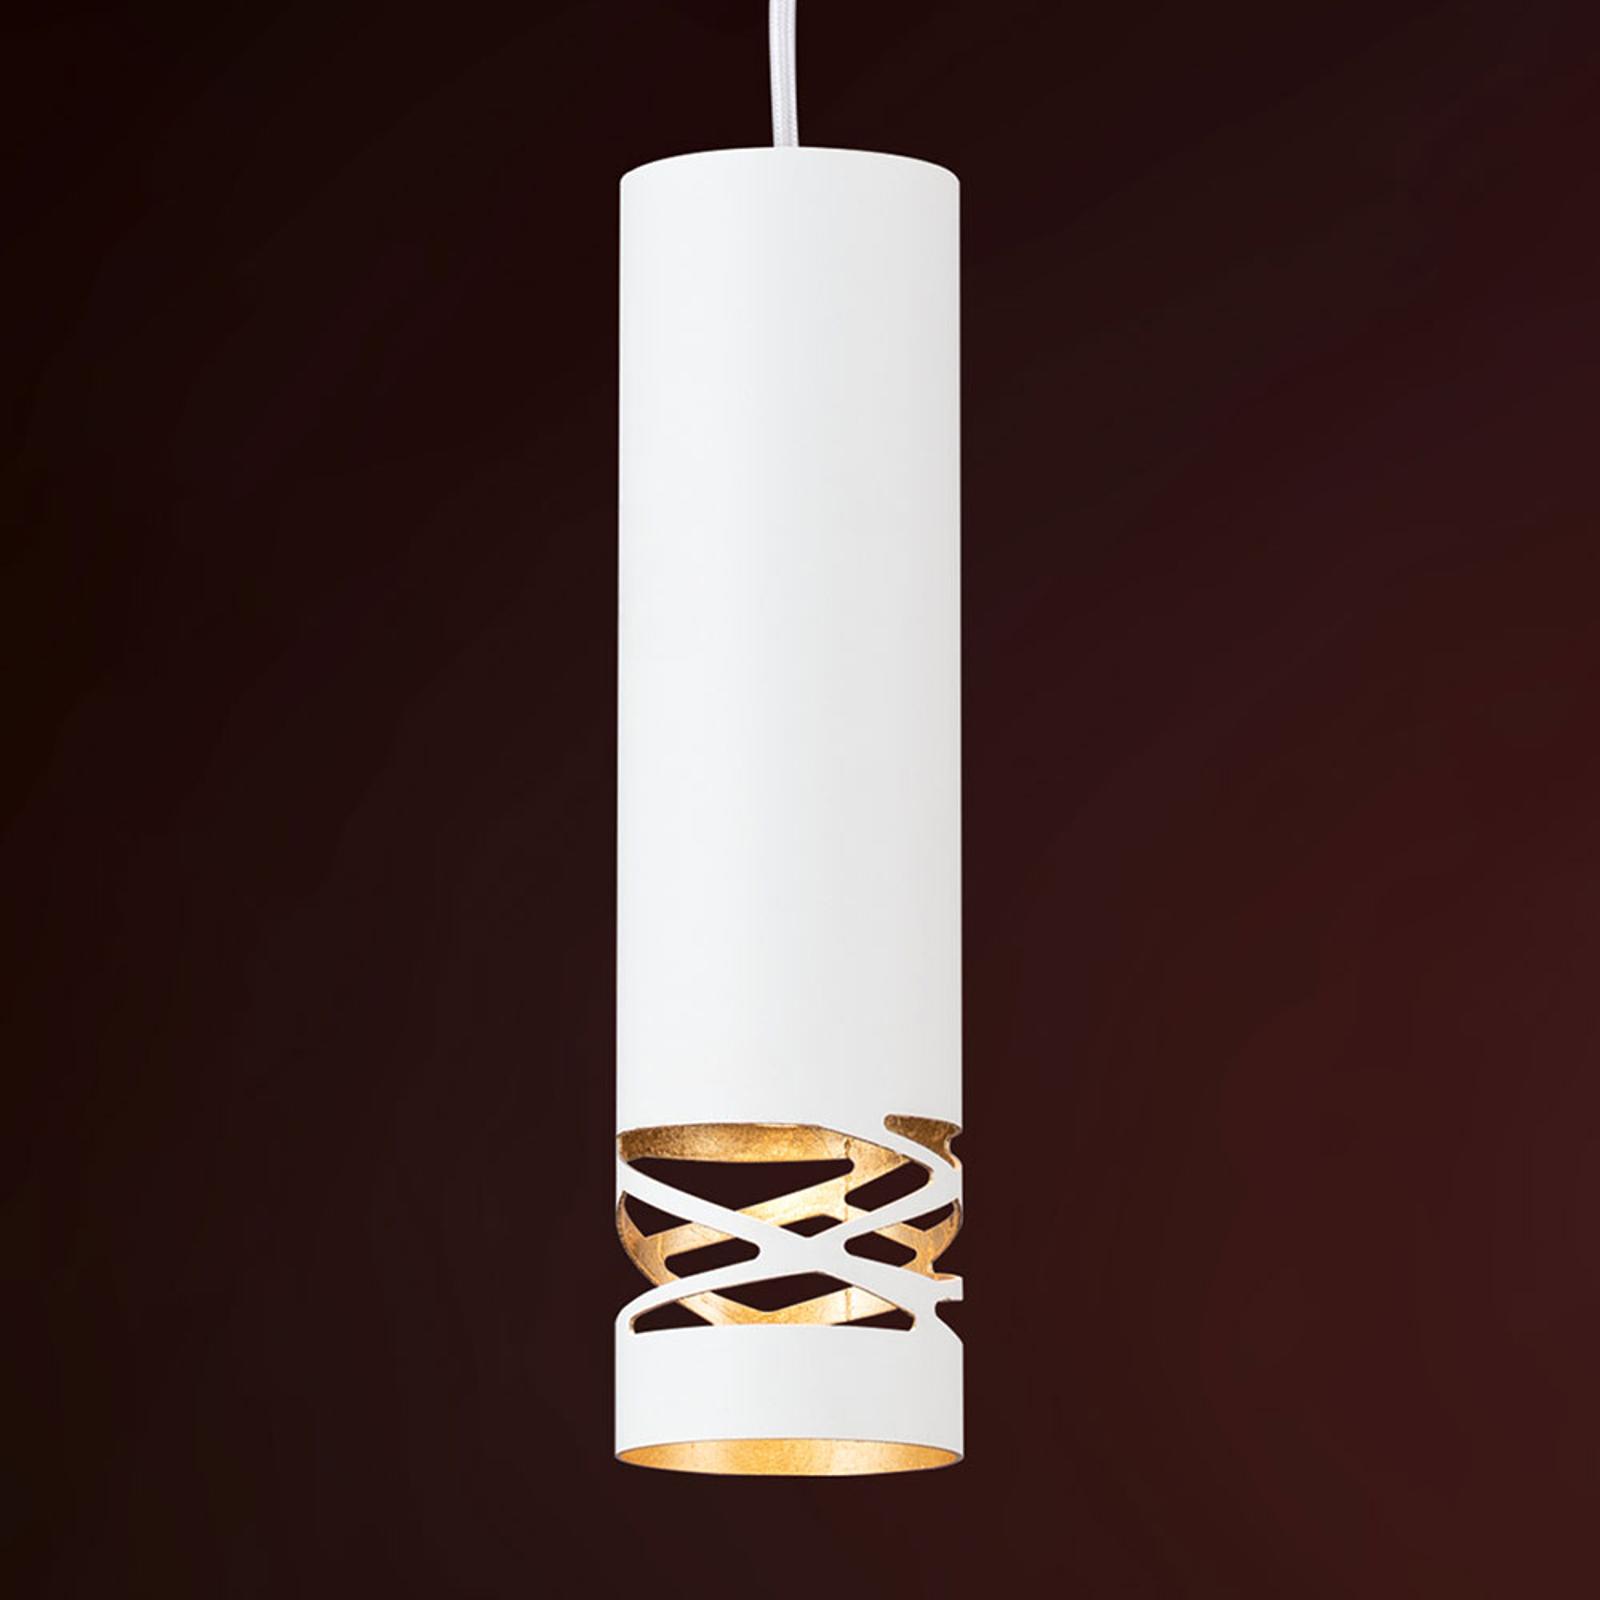 Buisvormige hanglamp Trance m. goudinleg